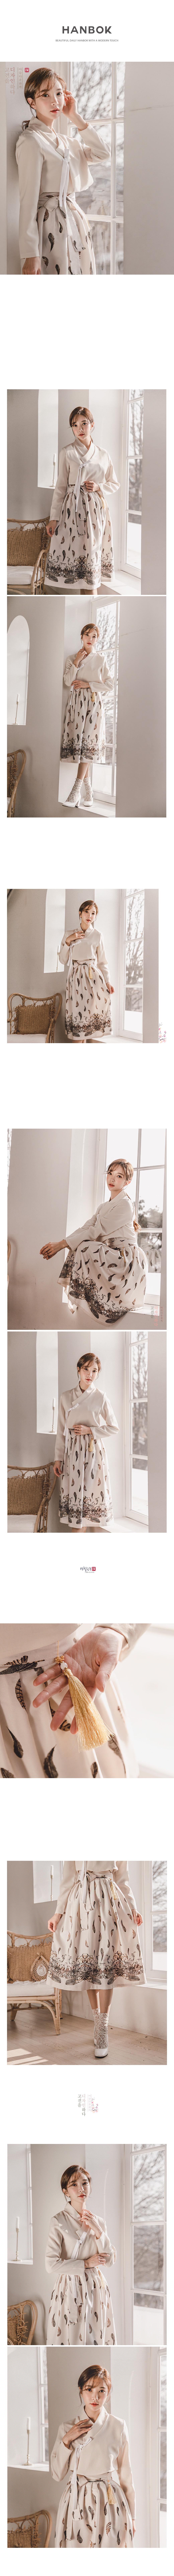 생활한복세트 목화꽃+벚나은113,900원-츄샵패션의류, 생활한복, 생활한복, 여성한복바보사랑생활한복세트 목화꽃+벚나은113,900원-츄샵패션의류, 생활한복, 생활한복, 여성한복바보사랑